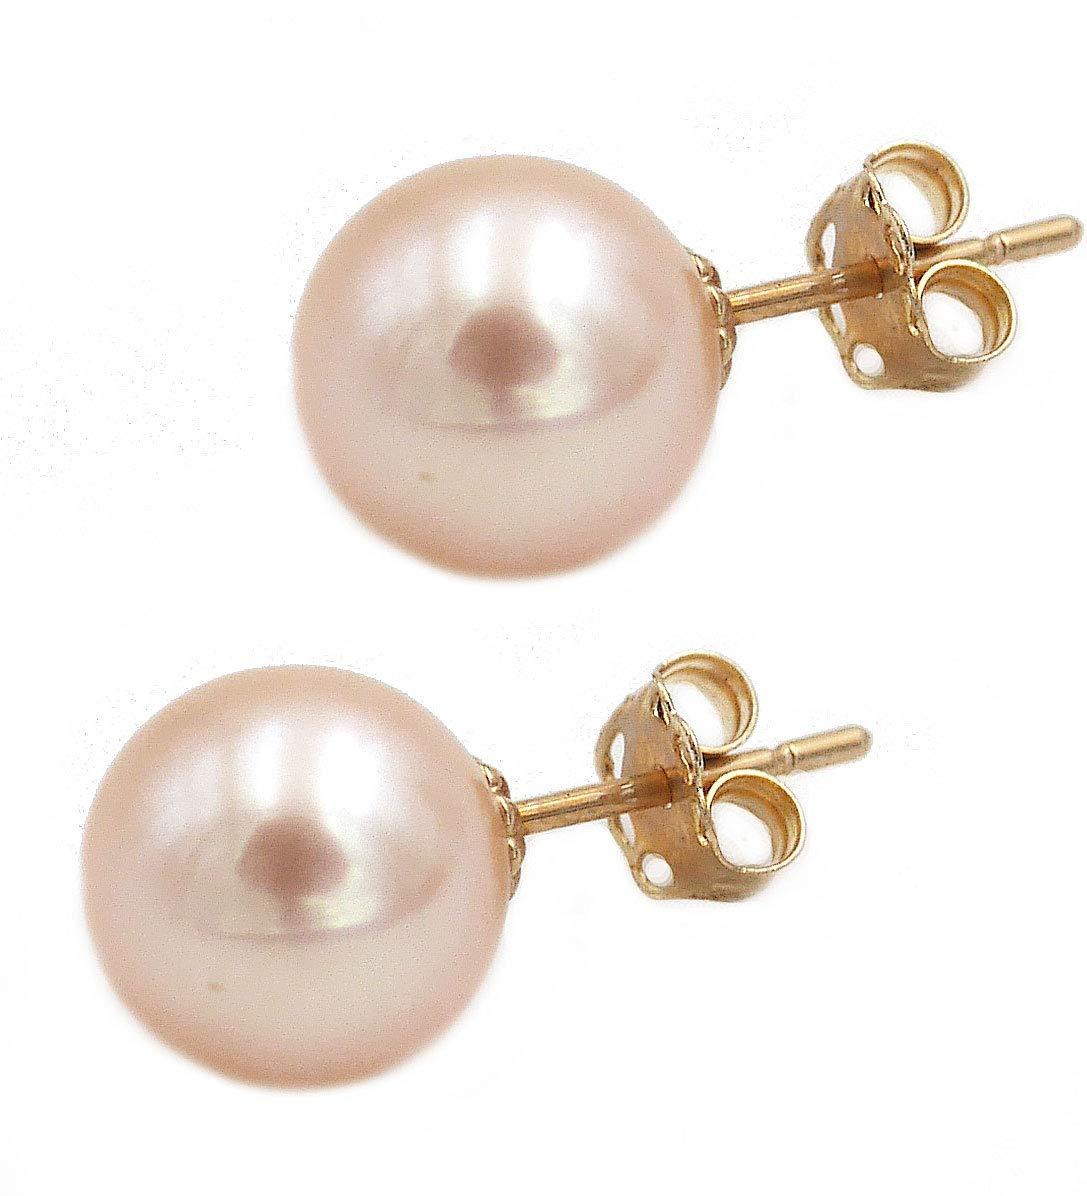 Mädchen Taufe Kommunion Süßwasser Zucht Perlen Set Ohrringe Kette Silber 925